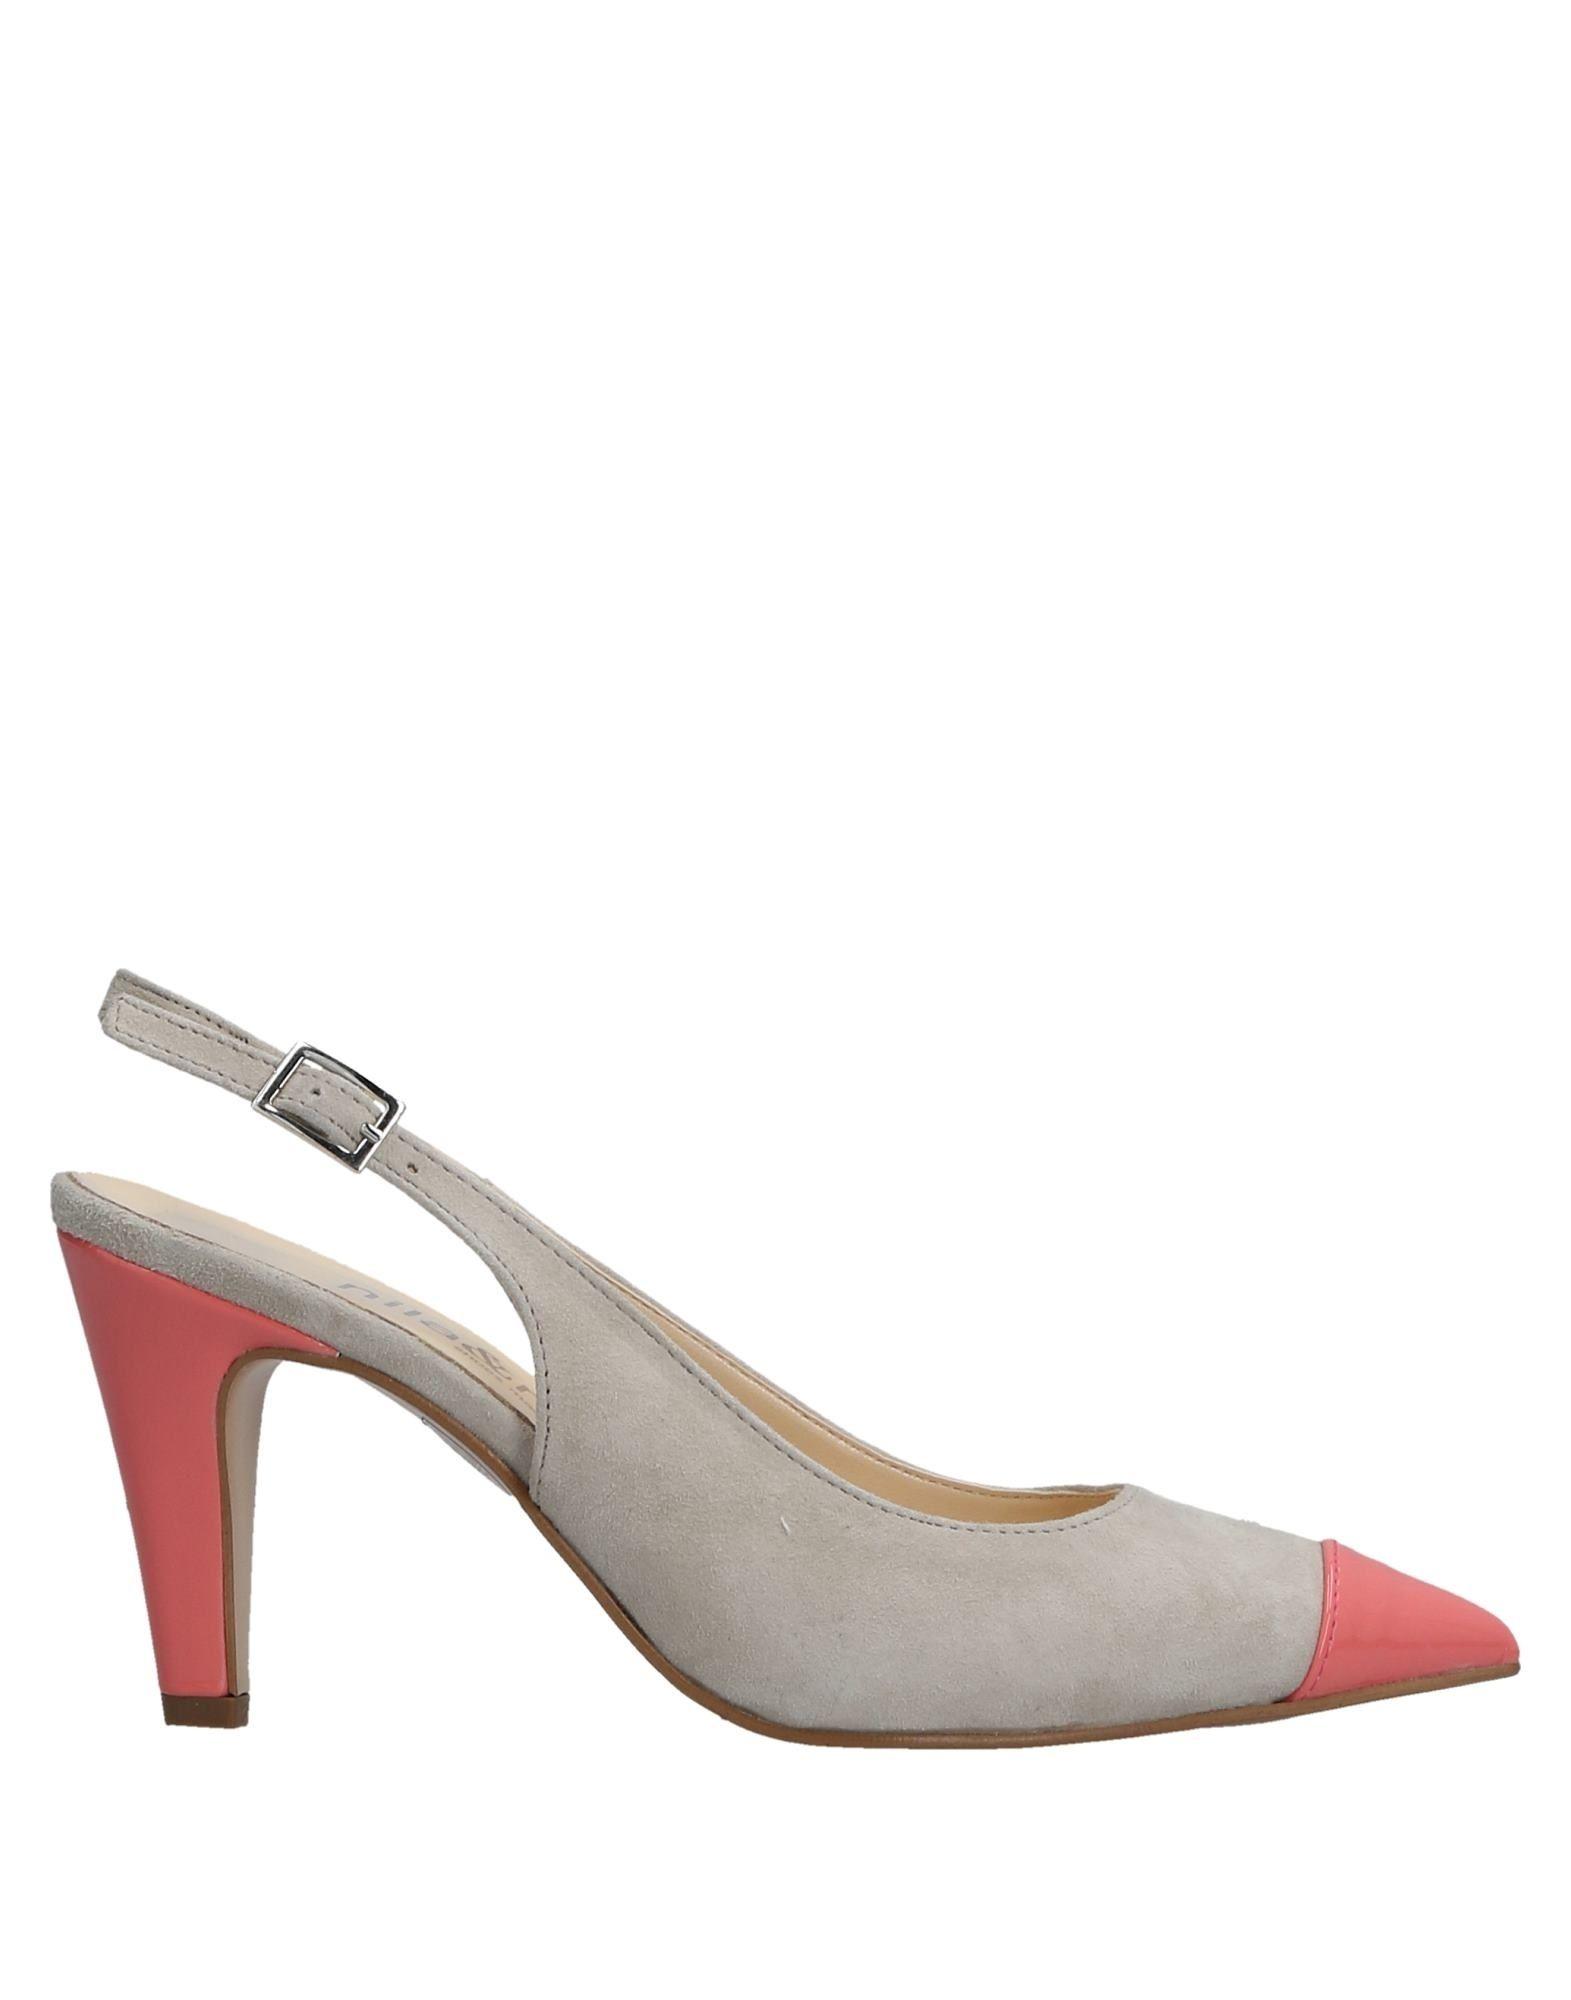 Nila & Gute Nila Pumps Damen  11532957DJ Gute & Qualität beliebte Schuhe e9d59f